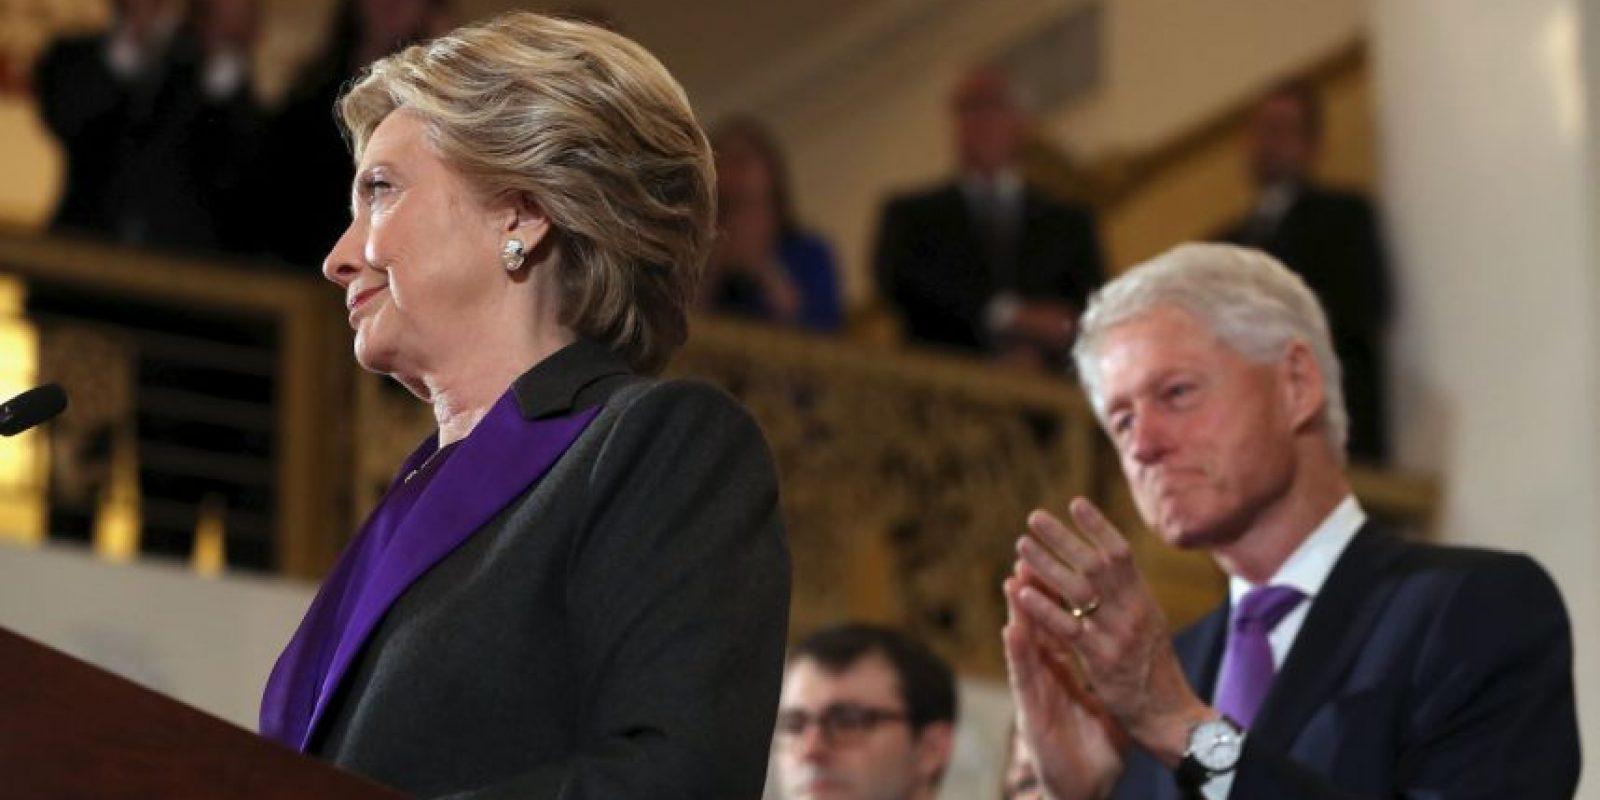 Hillary Clinton ofreció su mensaje de aceptación de la derrota Foto:AFP